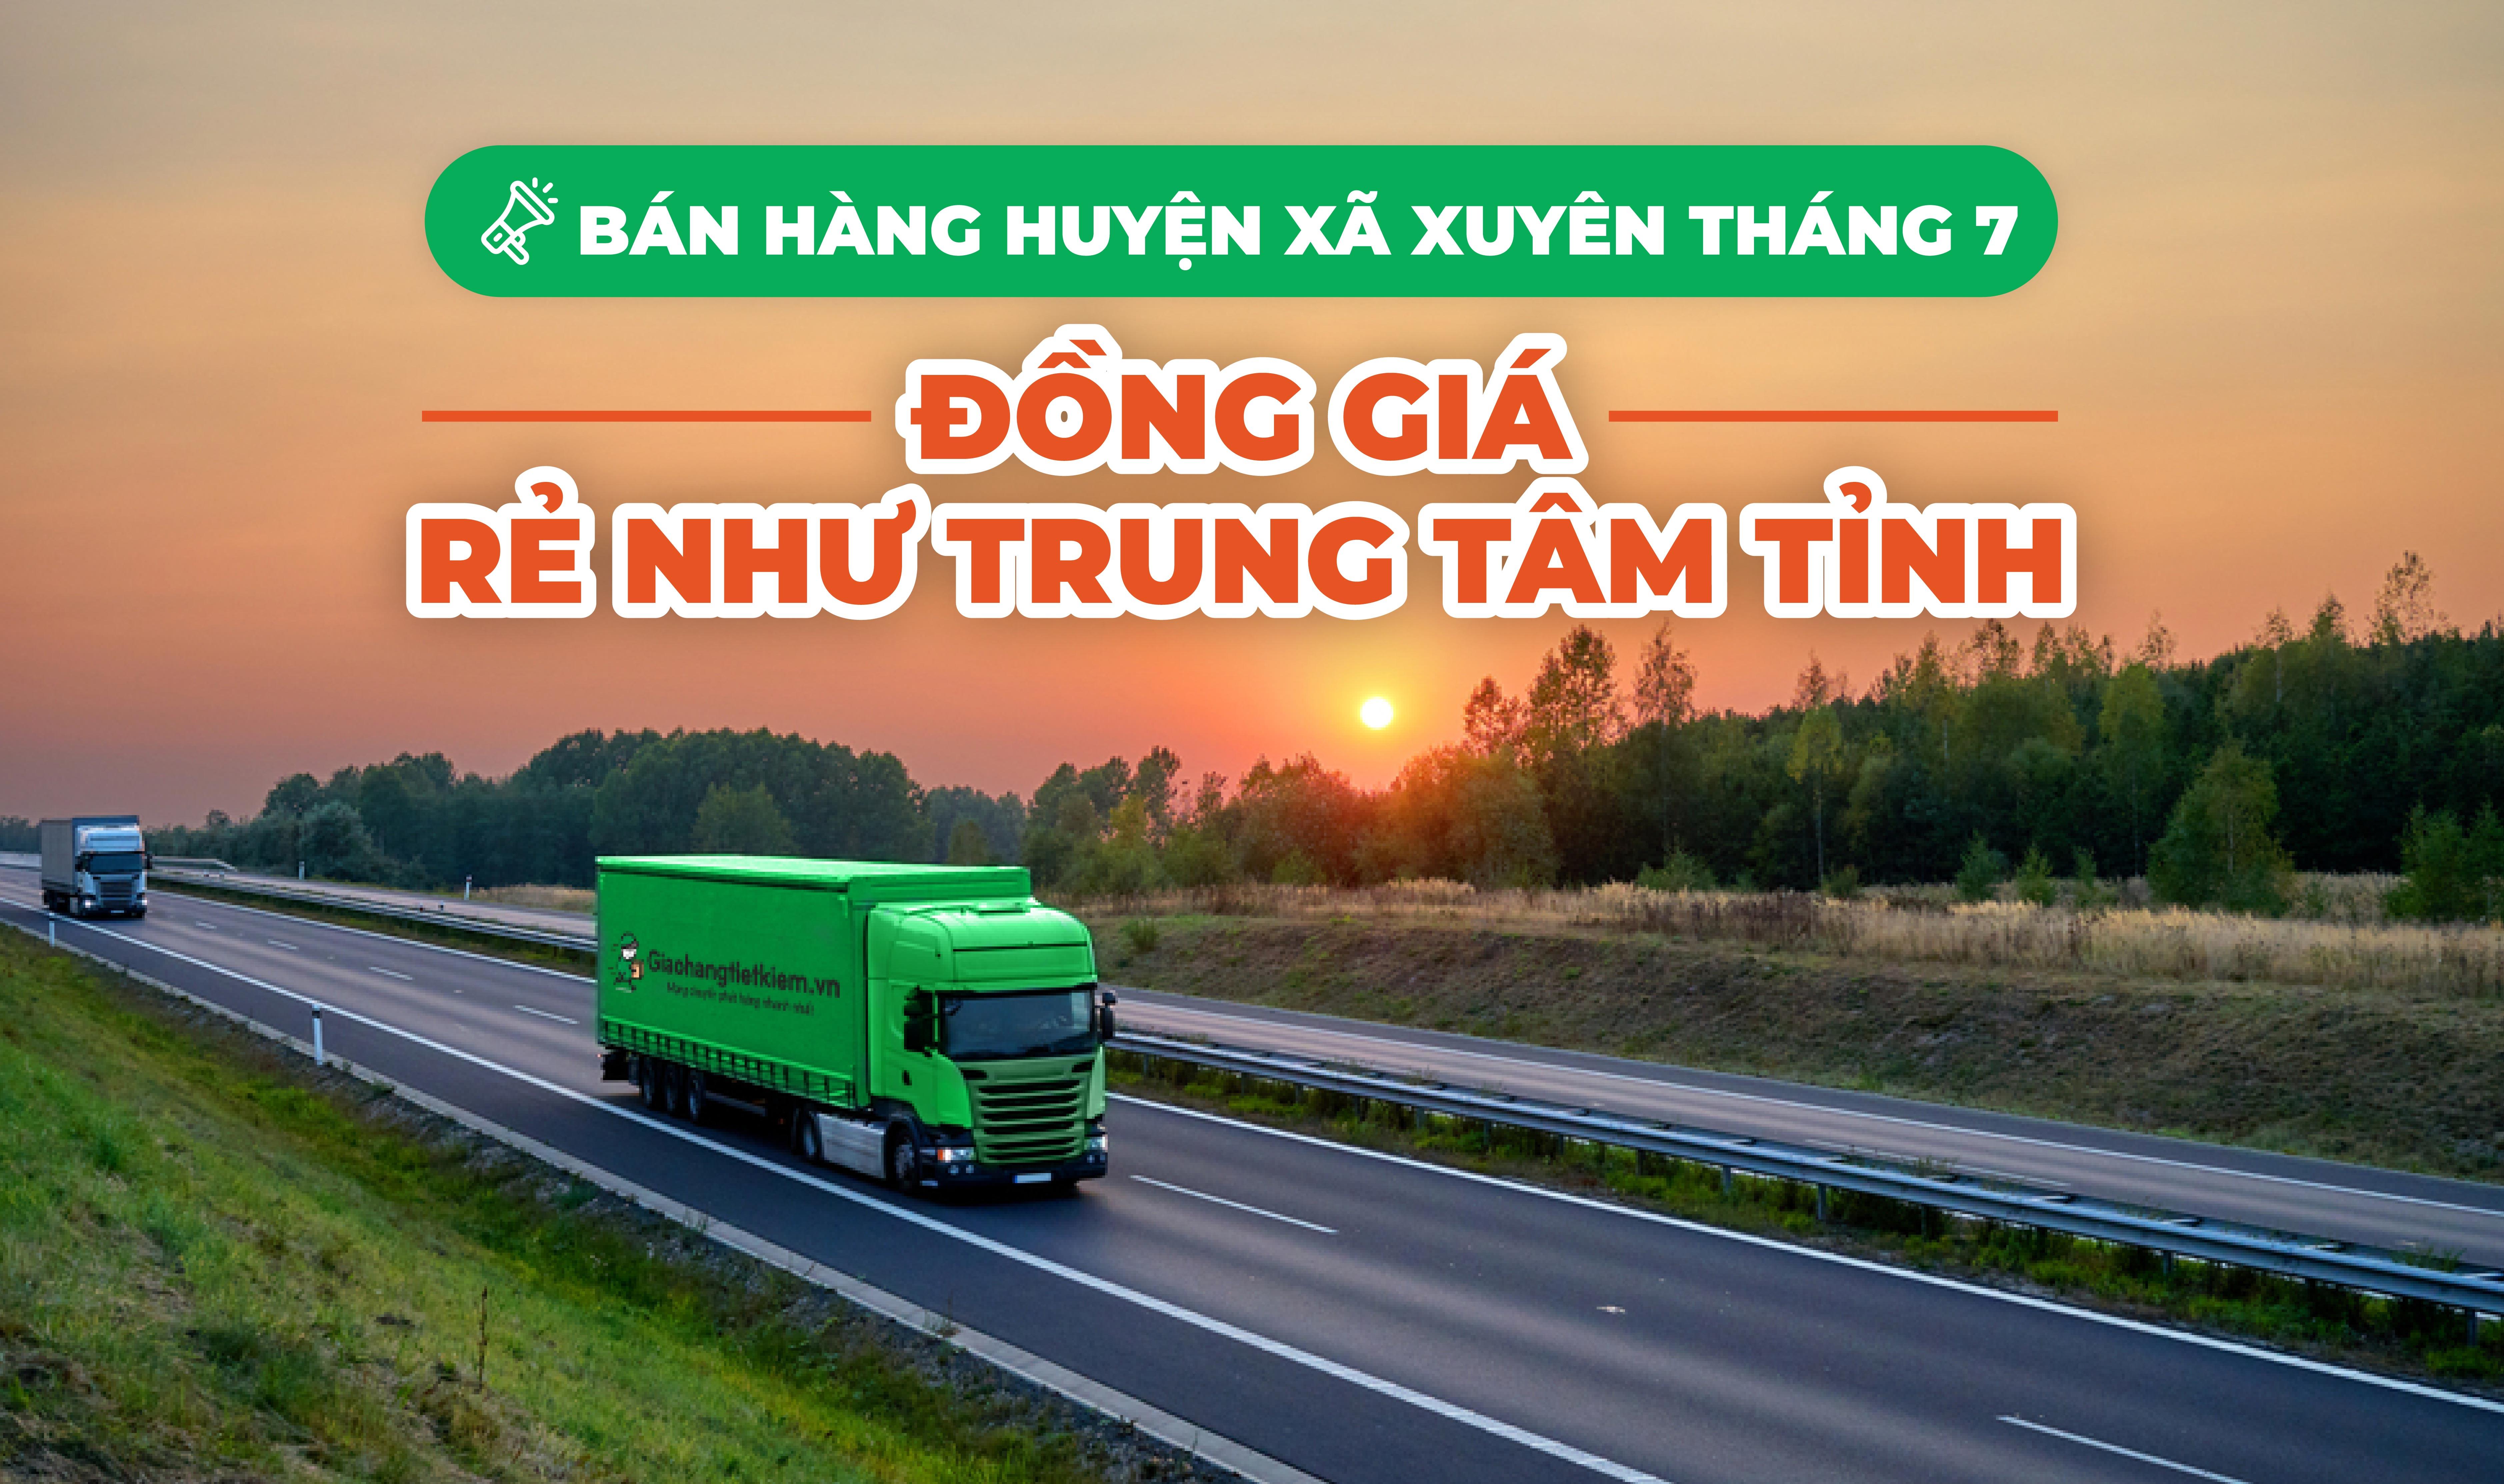 Giaohangtietkiem vn - Dịch vụ giao hàng trong ngày chuyên nghiệp